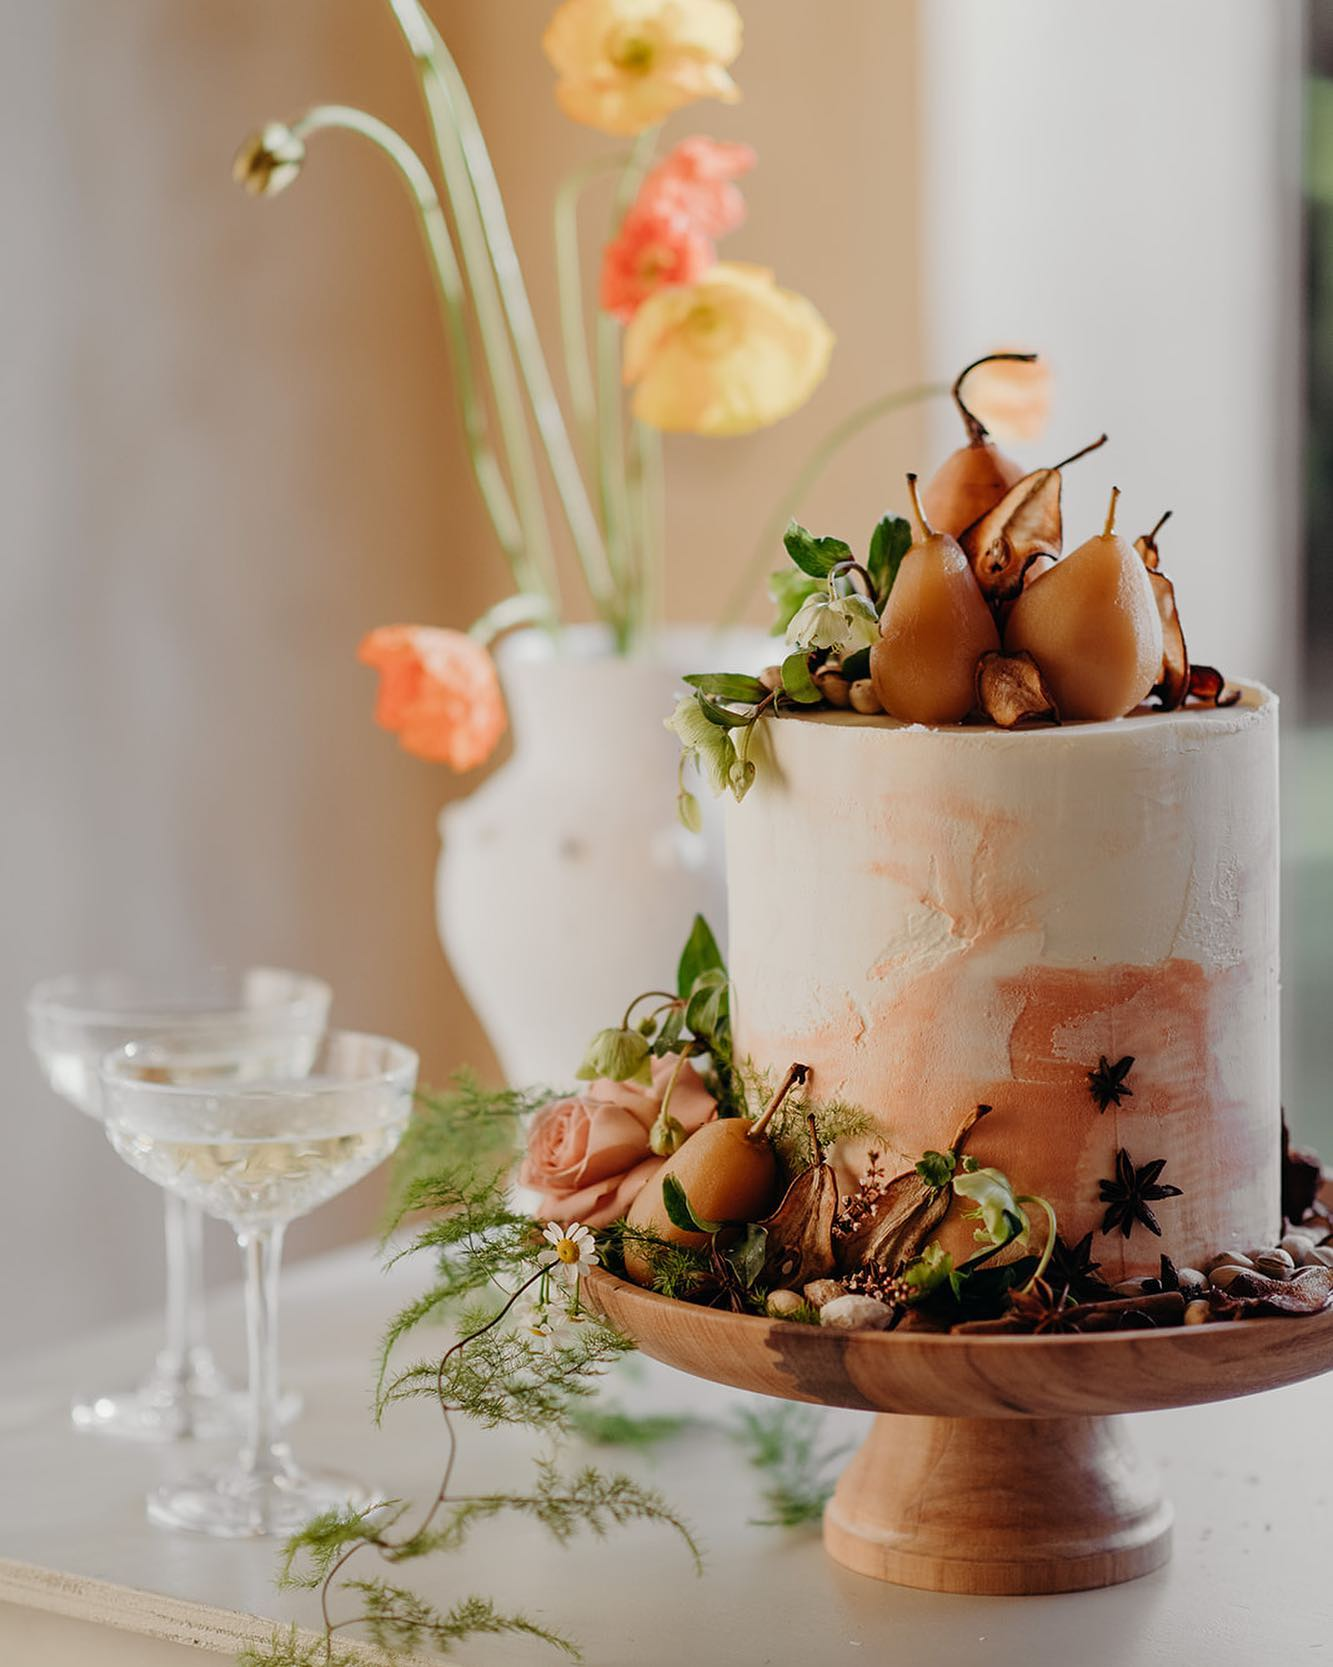 fontaine photo wedding cake designer gold coast